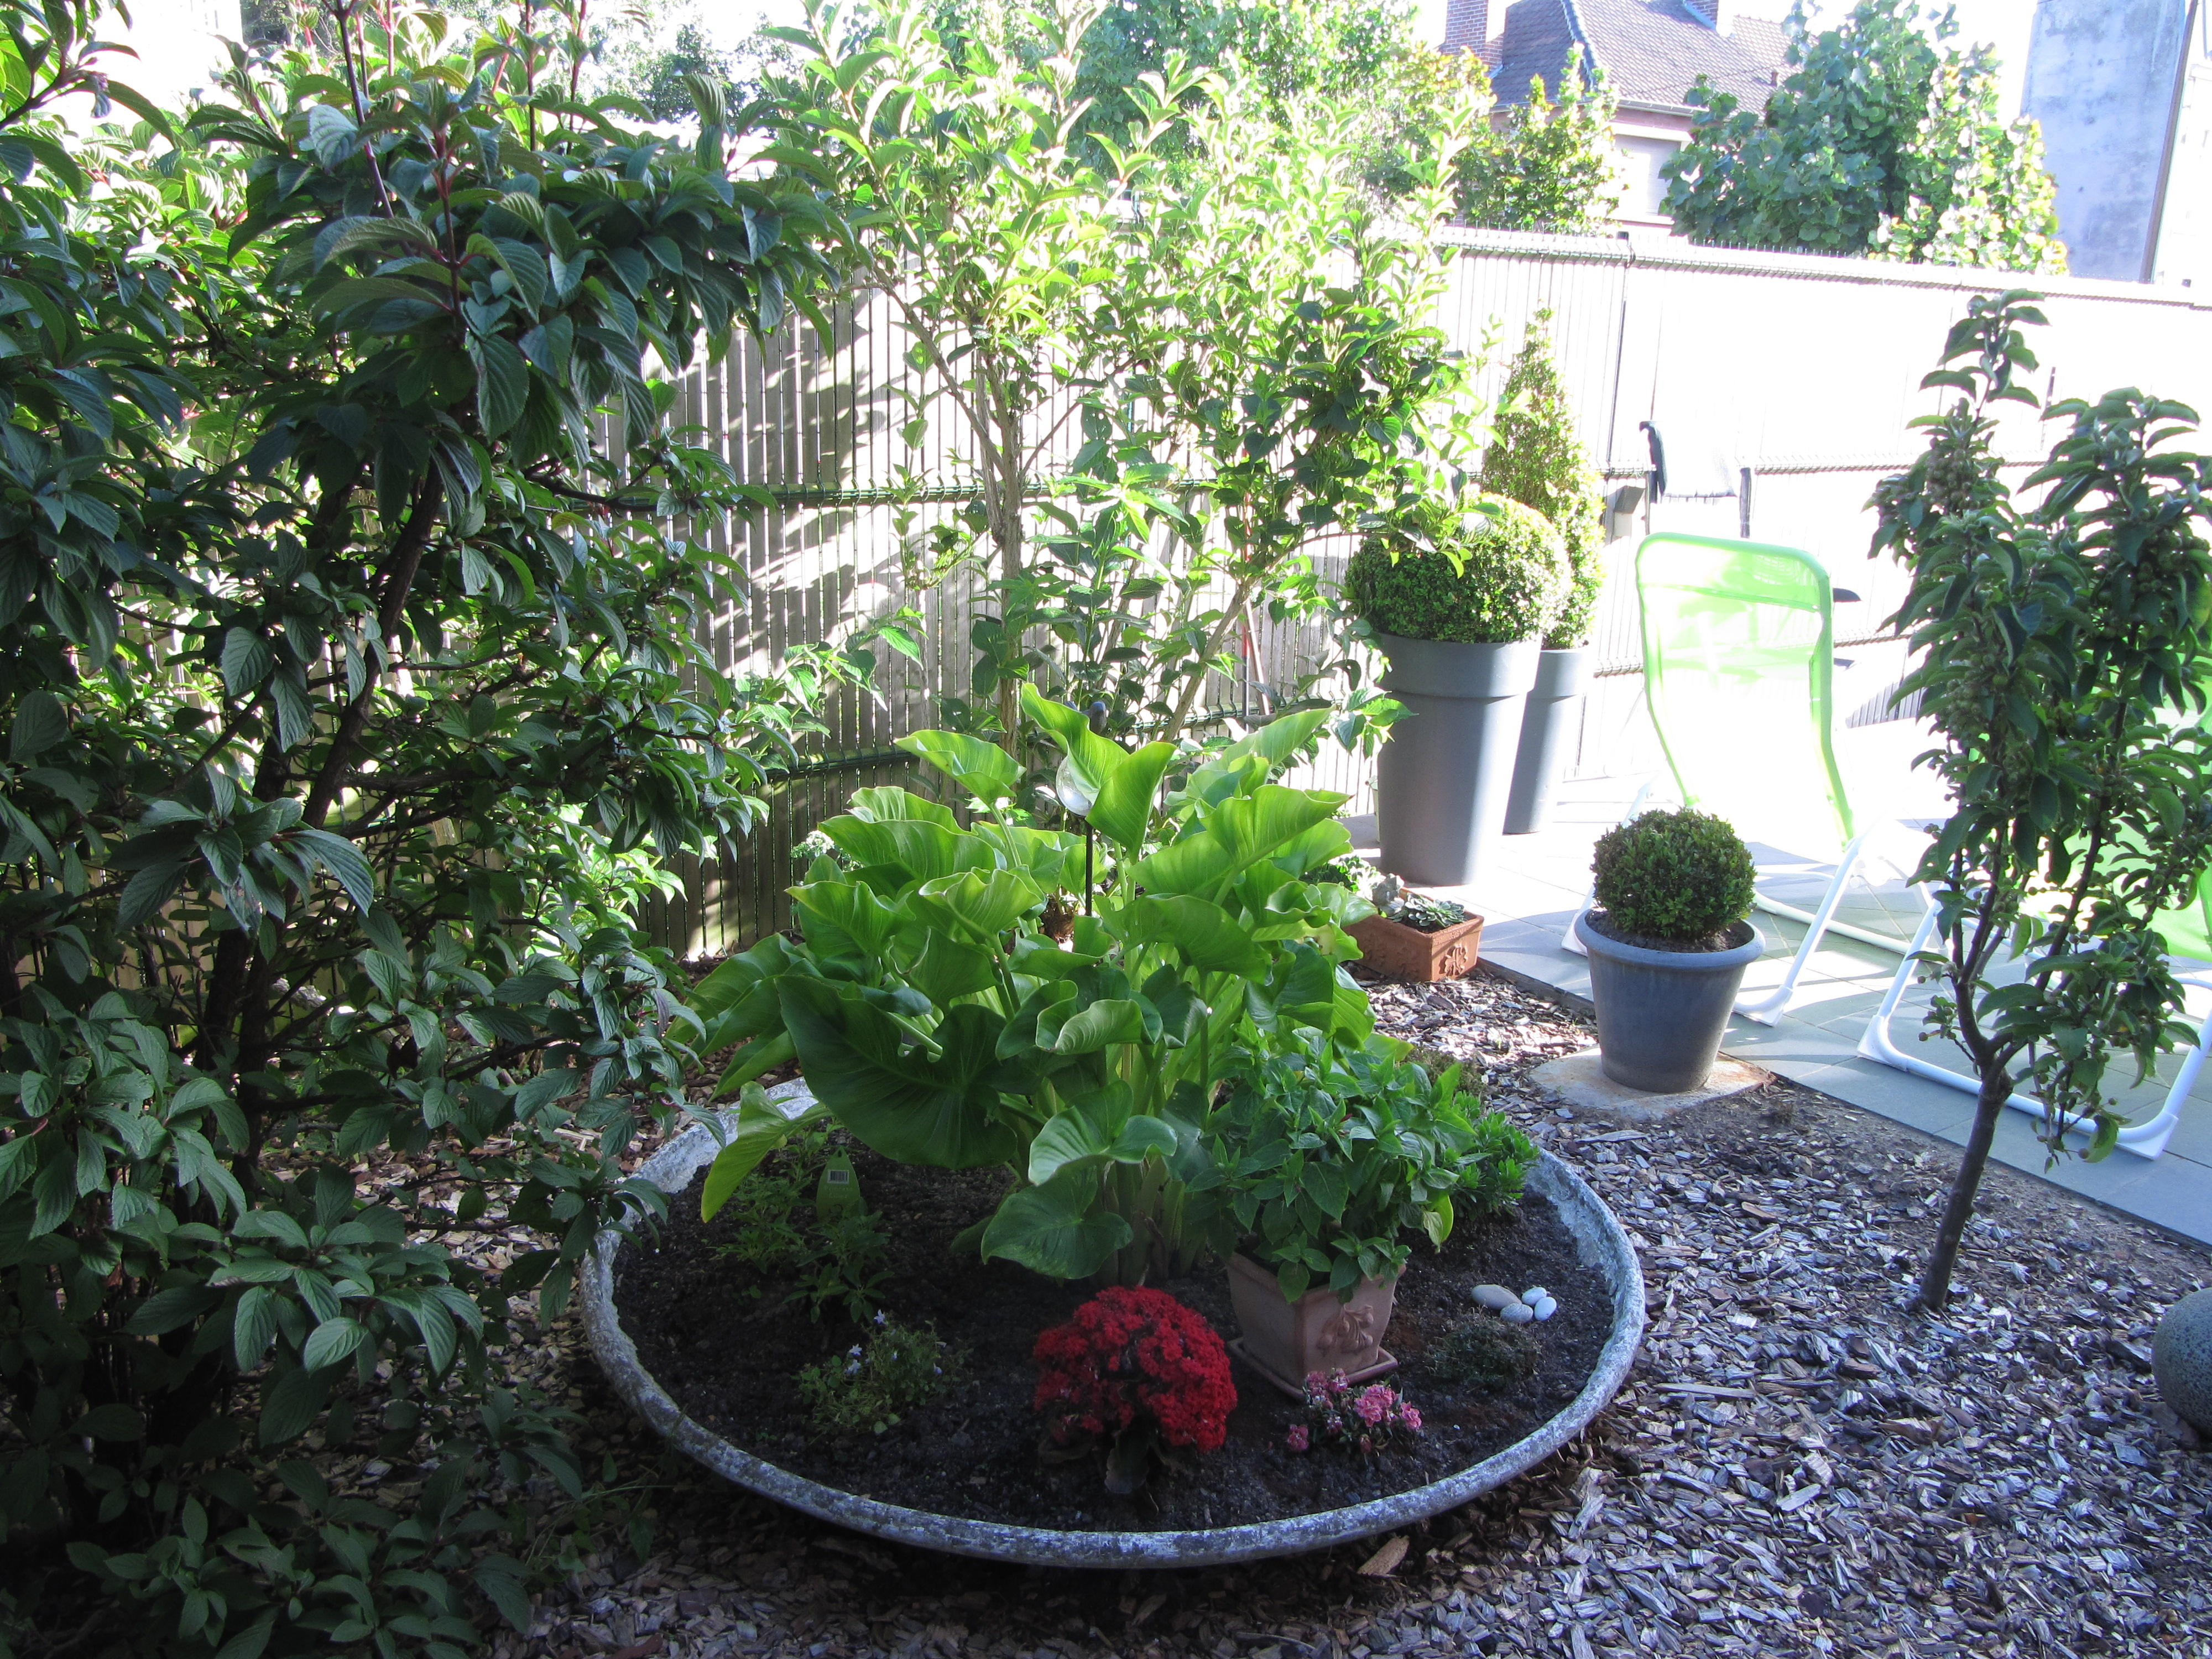 Le jardin et sa végétation